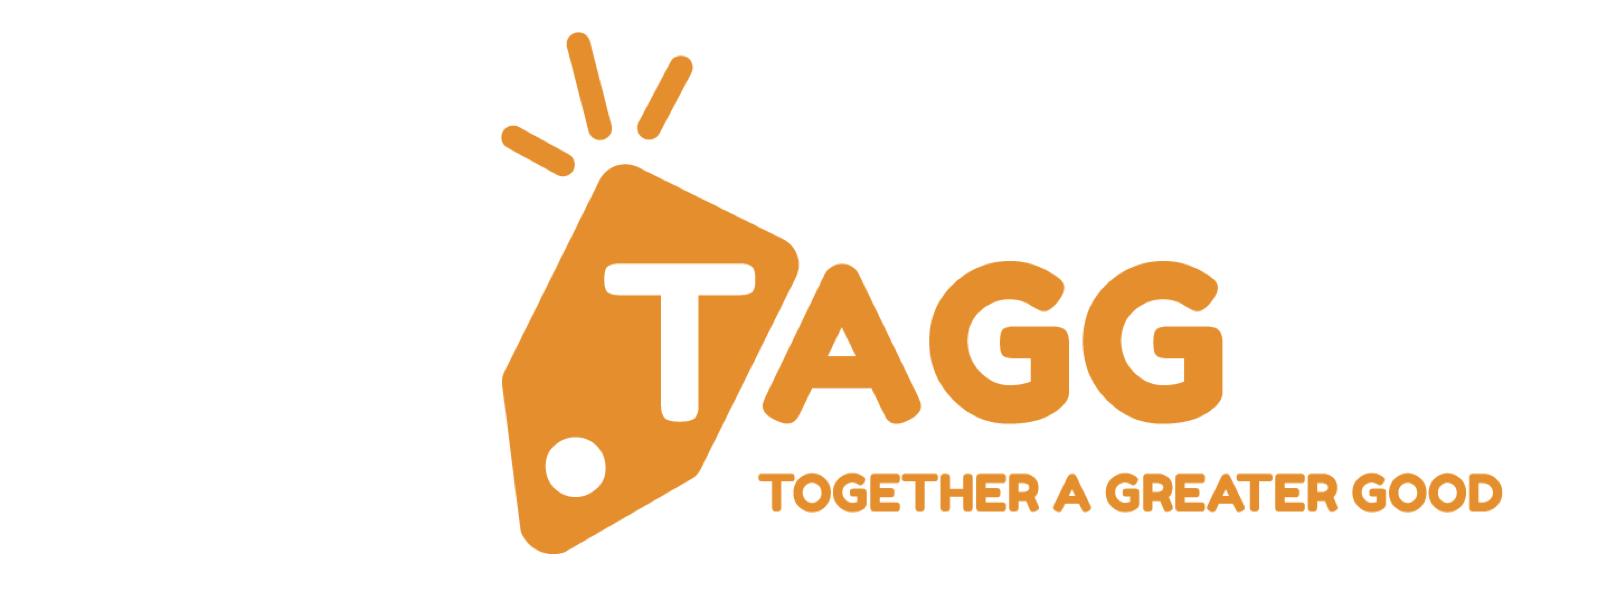 TAGG company logo